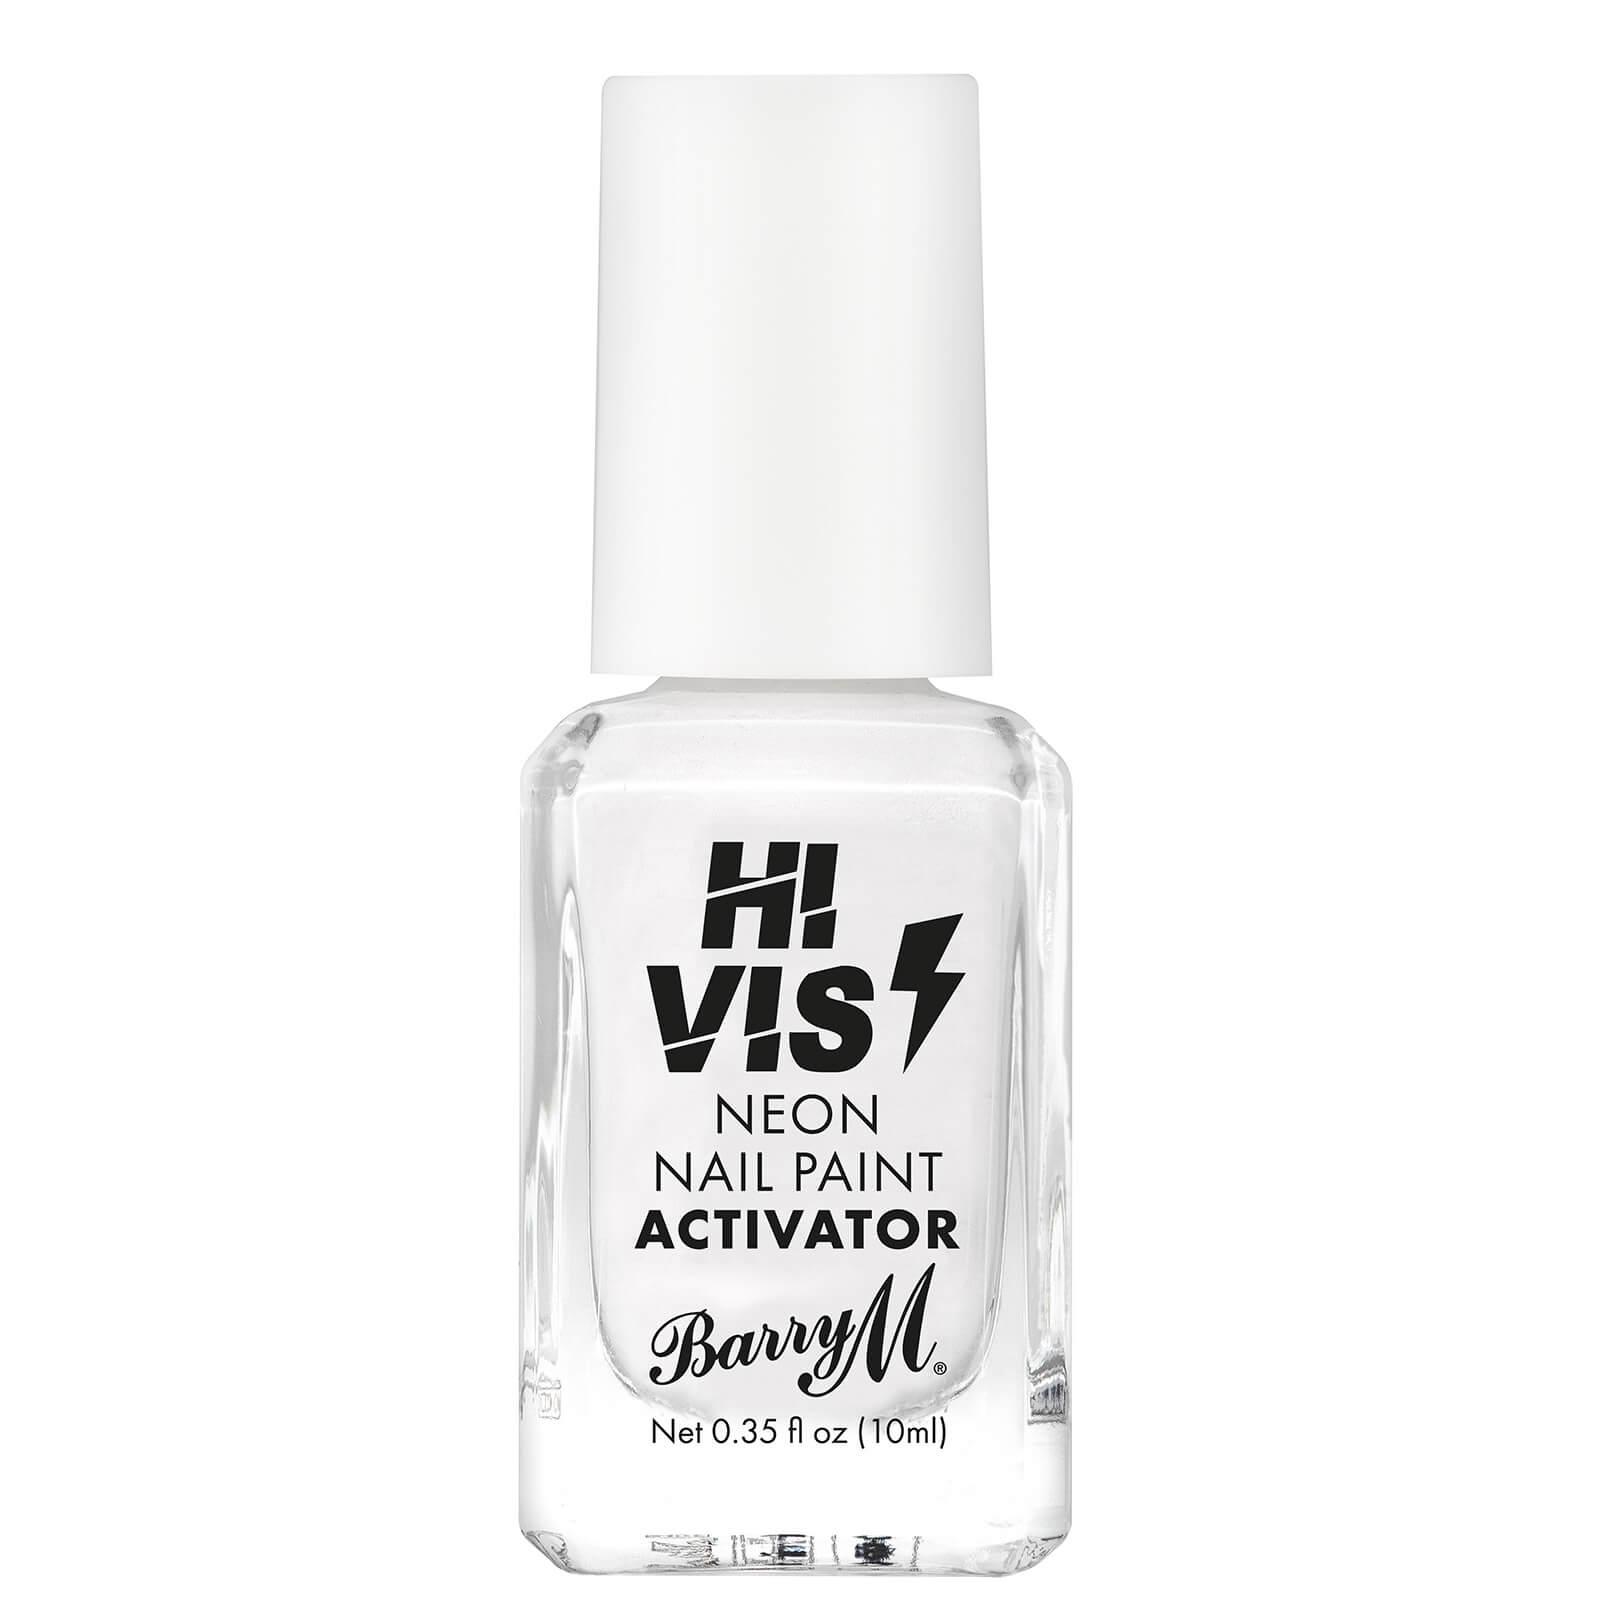 Купить Barry M Cosmetics Hi Vis Nail Paint - Activator 10ml